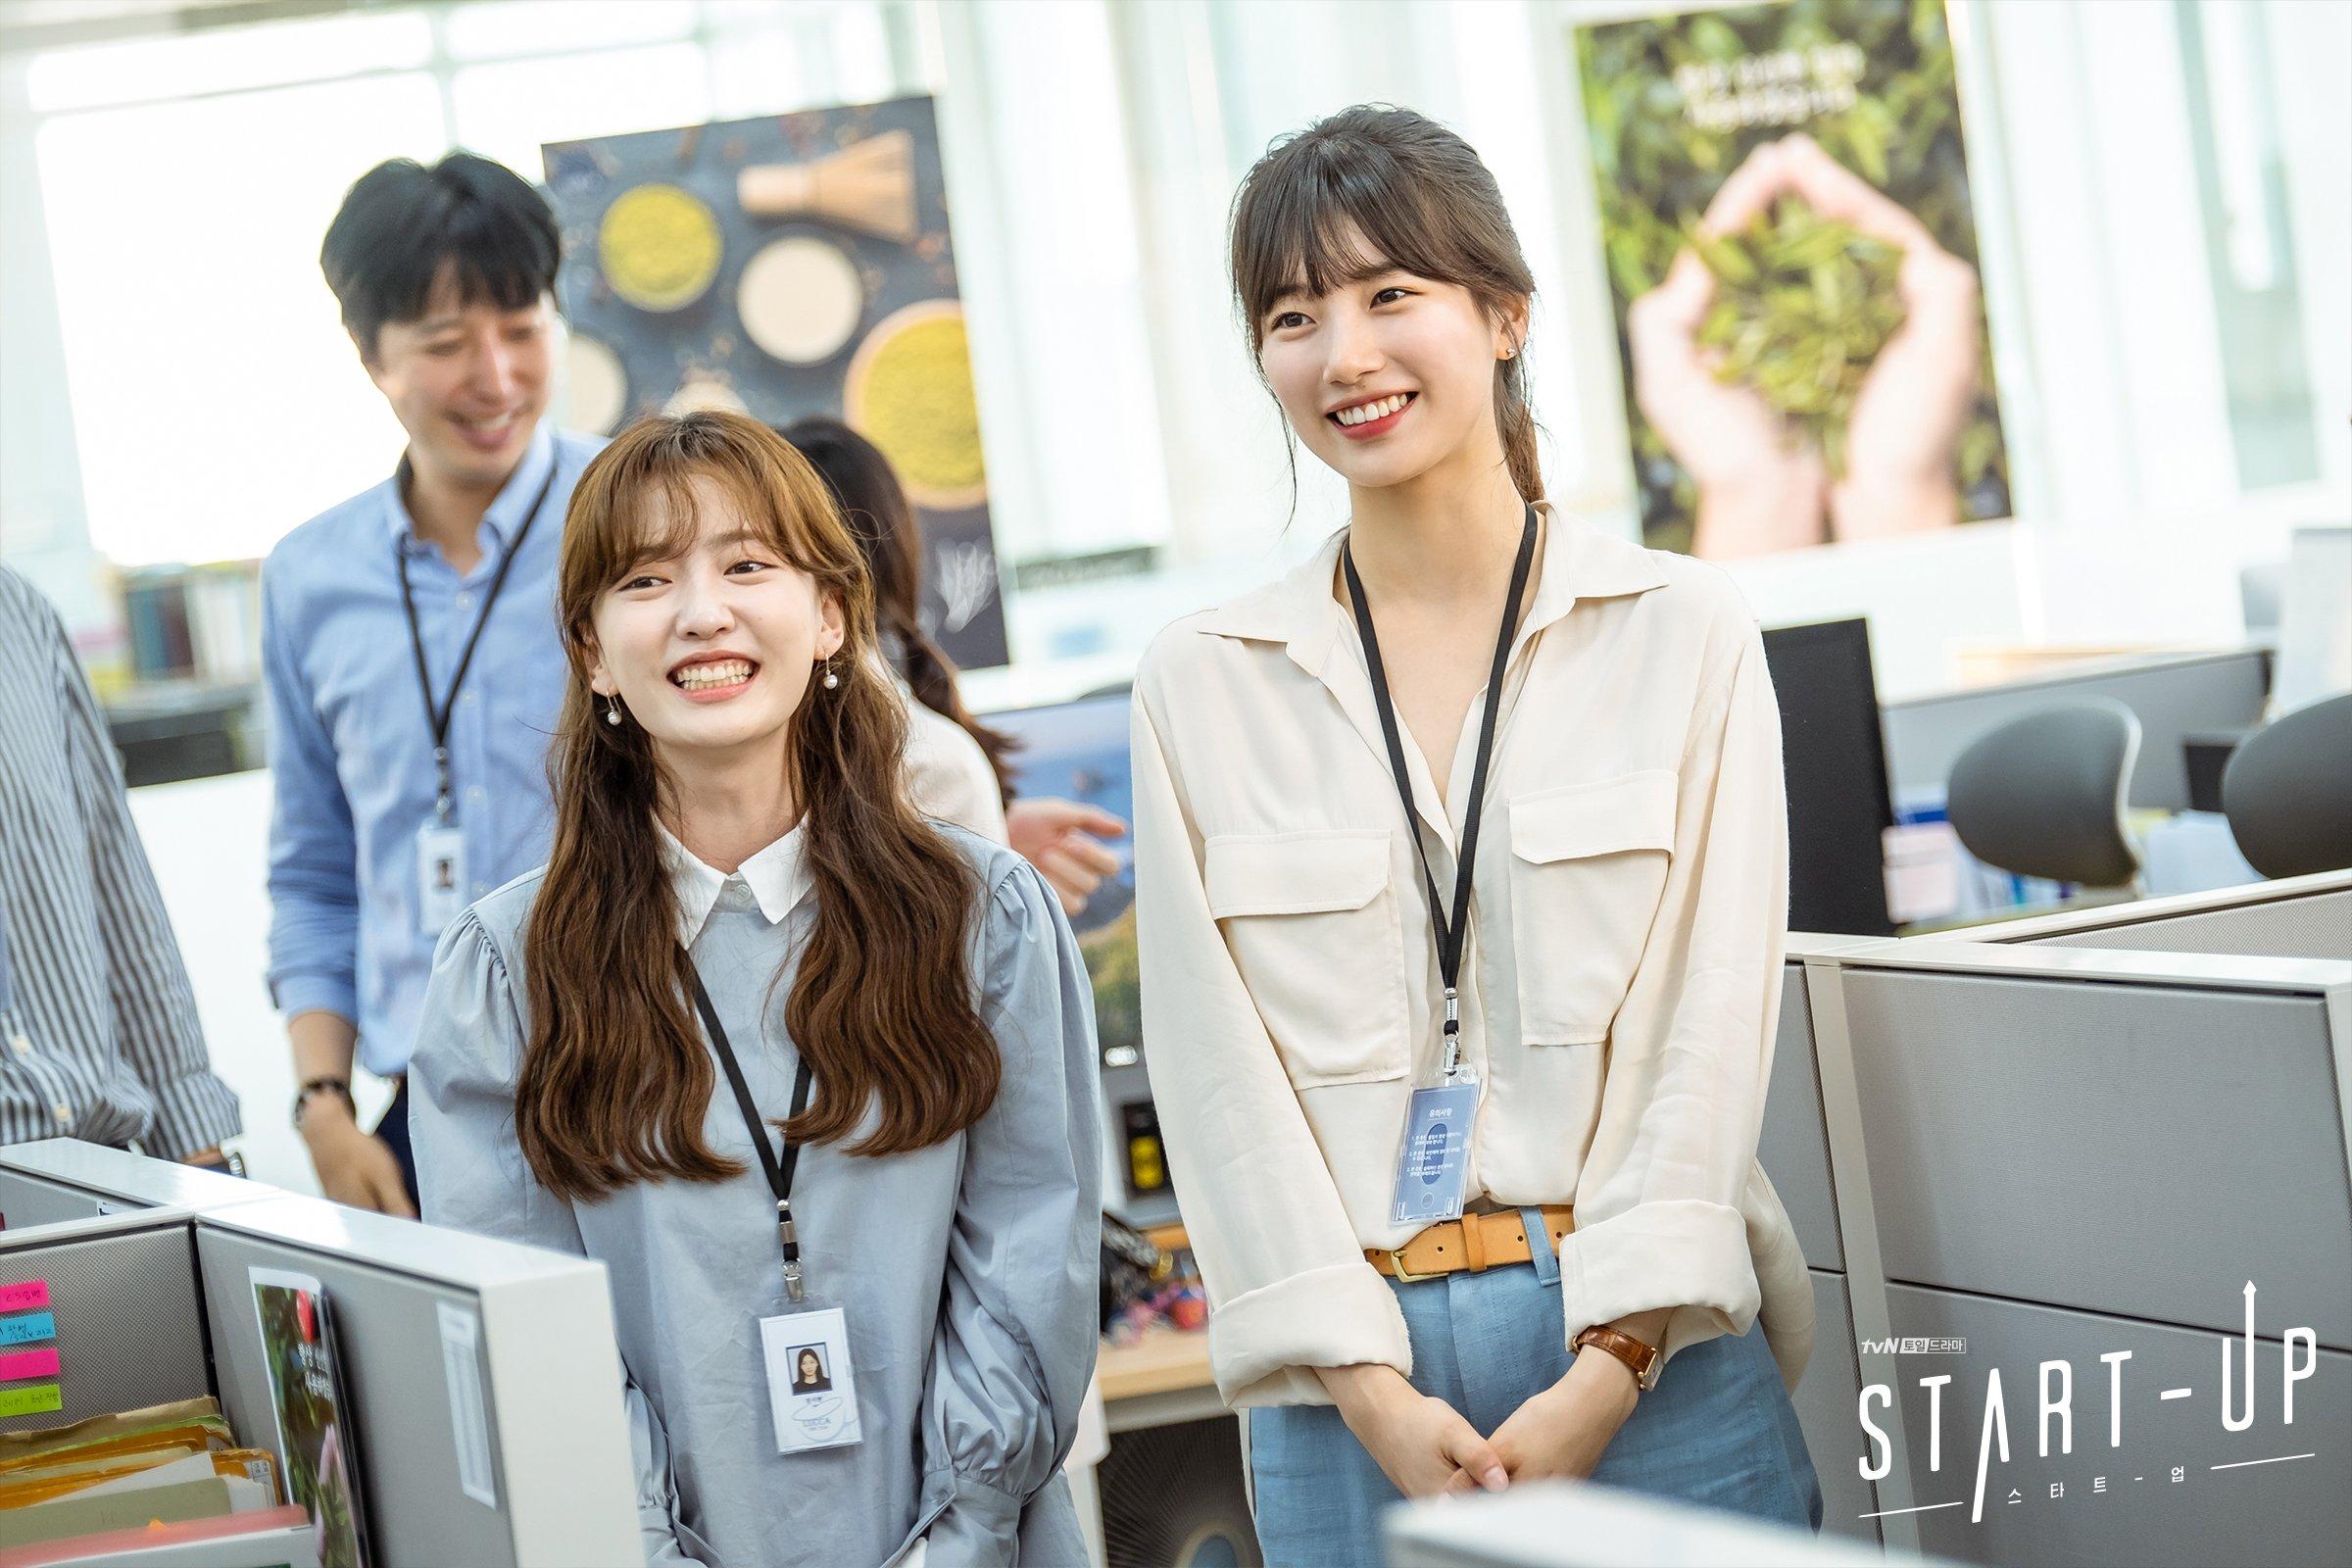 Học ngay Suzy trong Star-Up 4 cách diện áo sơ mi trẻ trung, siêu thanh lịch và còn đẹp từ Hè sang Đông - Ảnh 1.